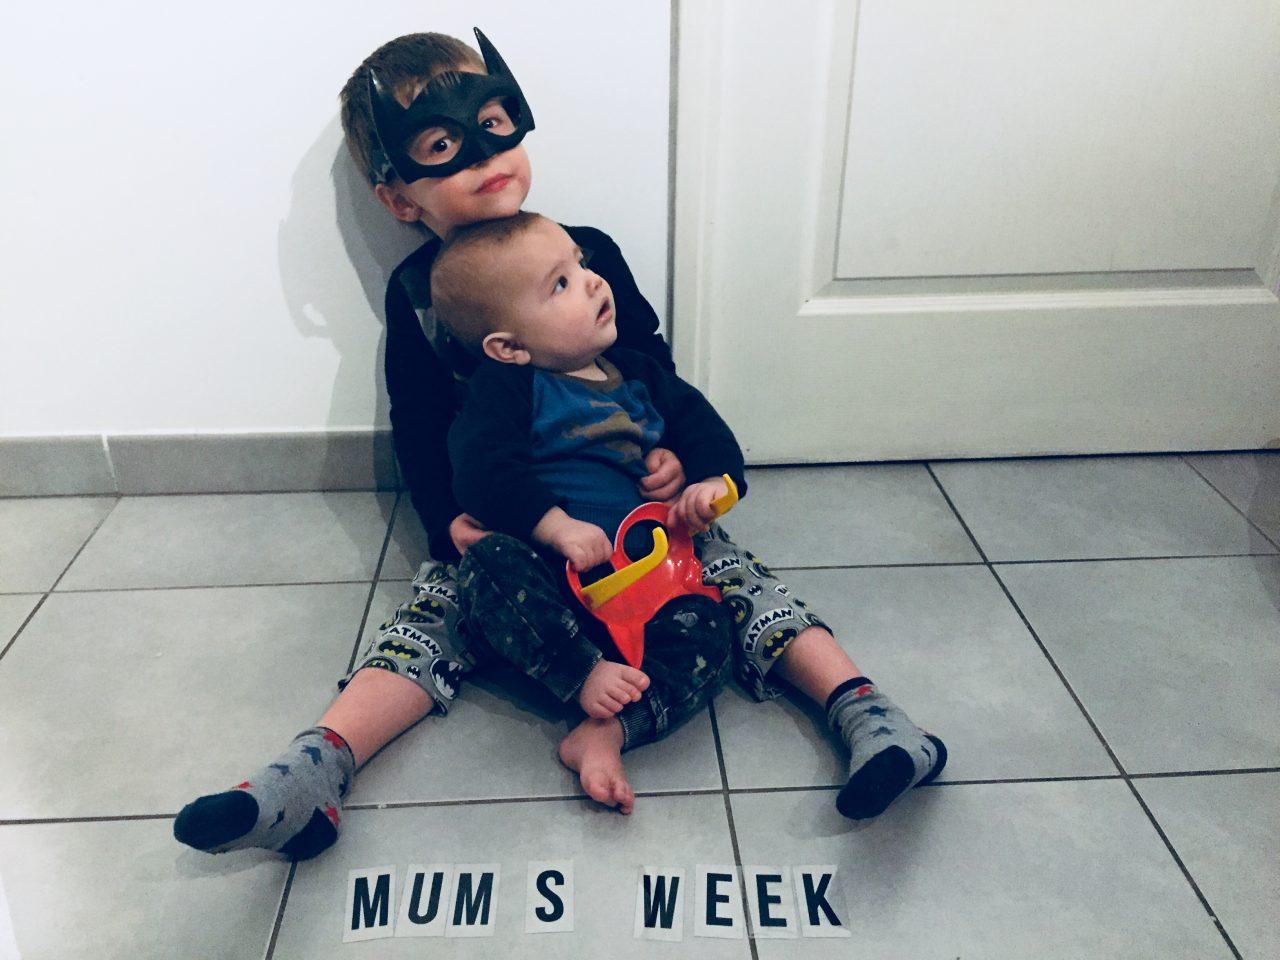 Mum's week #7